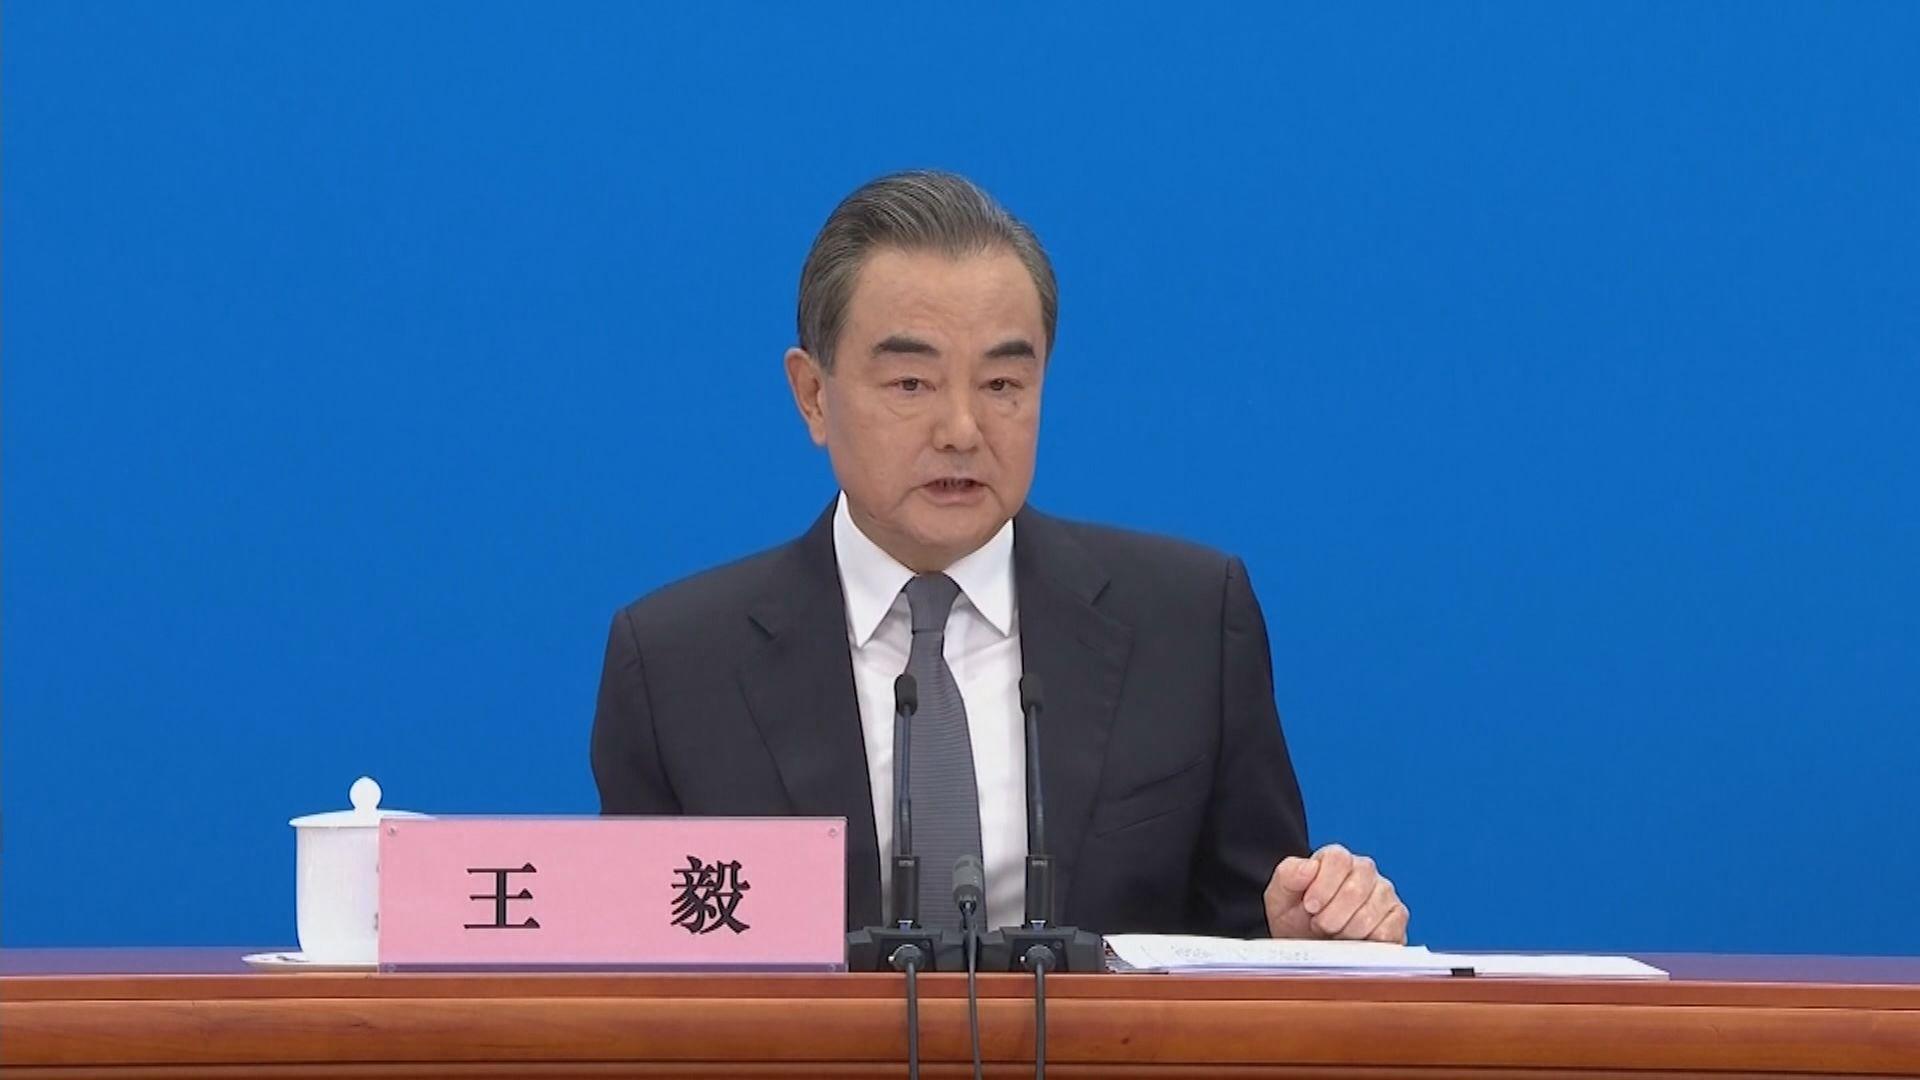 王毅:美俄應進一步削減核武庫規模